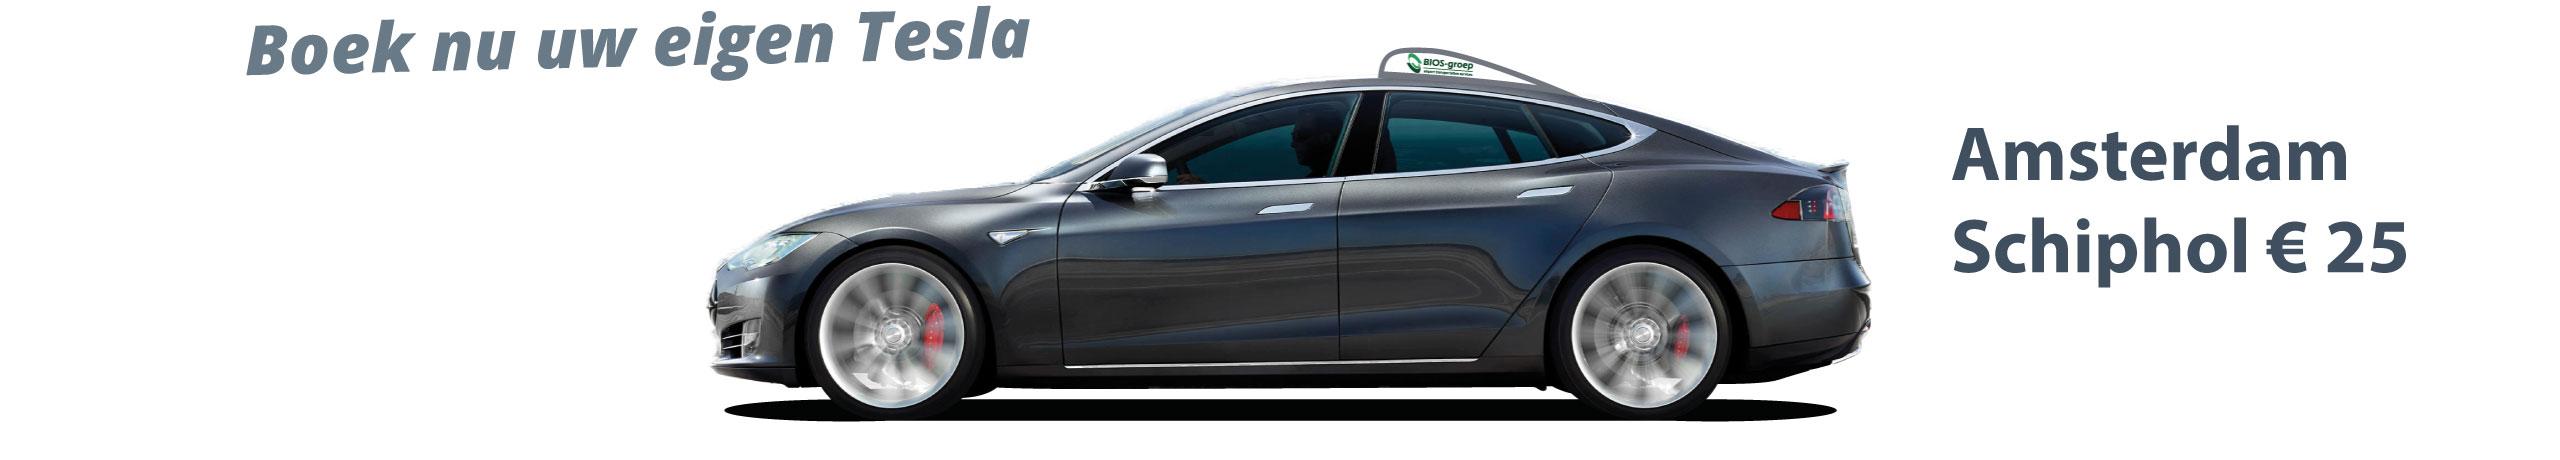 Boek-nu-uw-eigen-Tesla.